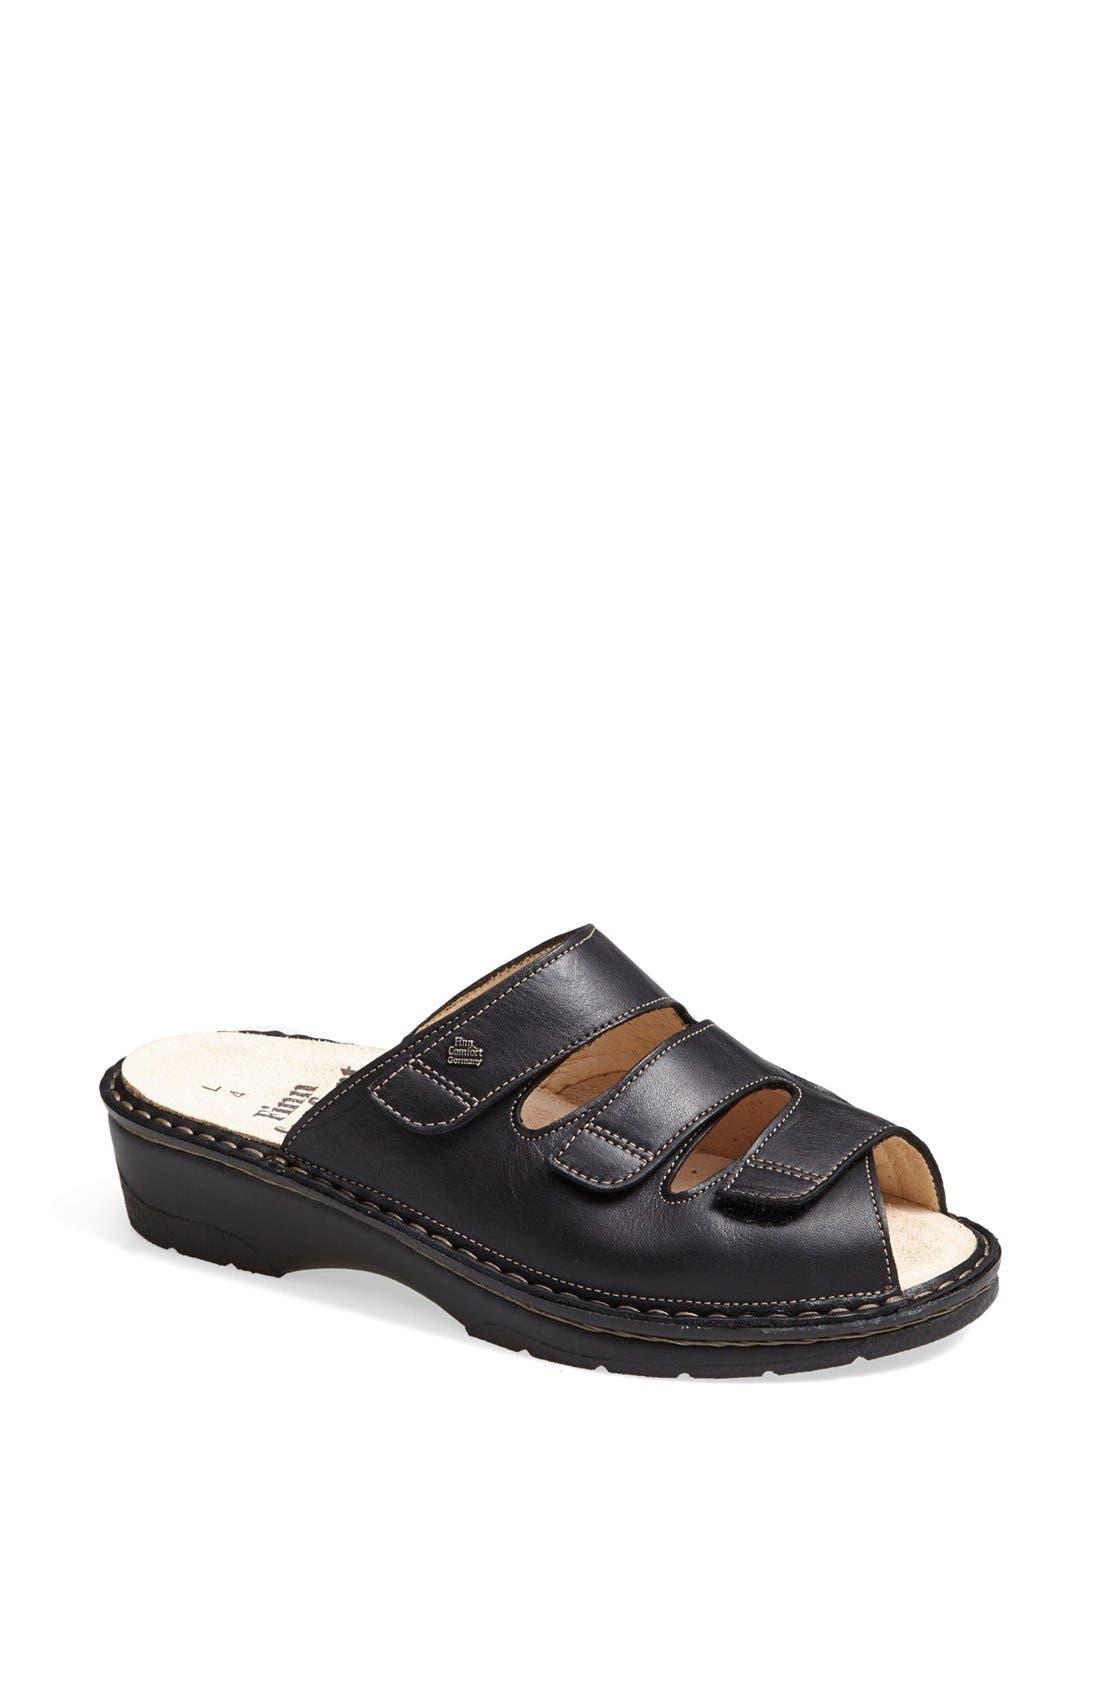 'Tilburg' Leather Sandal,                         Main,                         color, Black